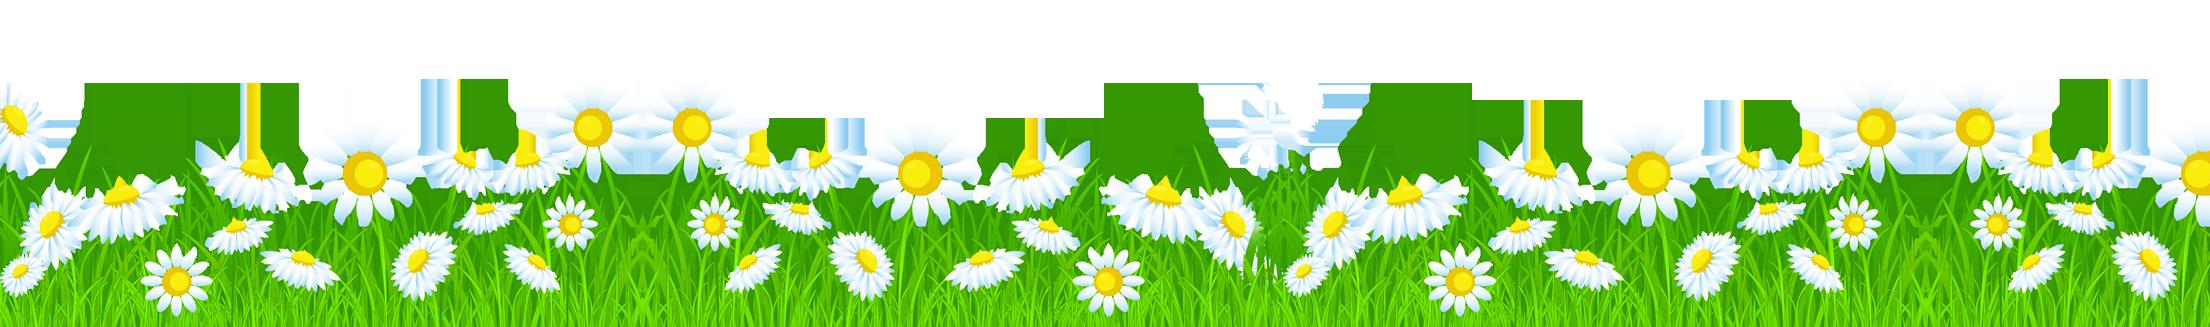 Галерея выпускников: Луговые цветы 4f9e5ae7a037fac83c71b64574bae28b